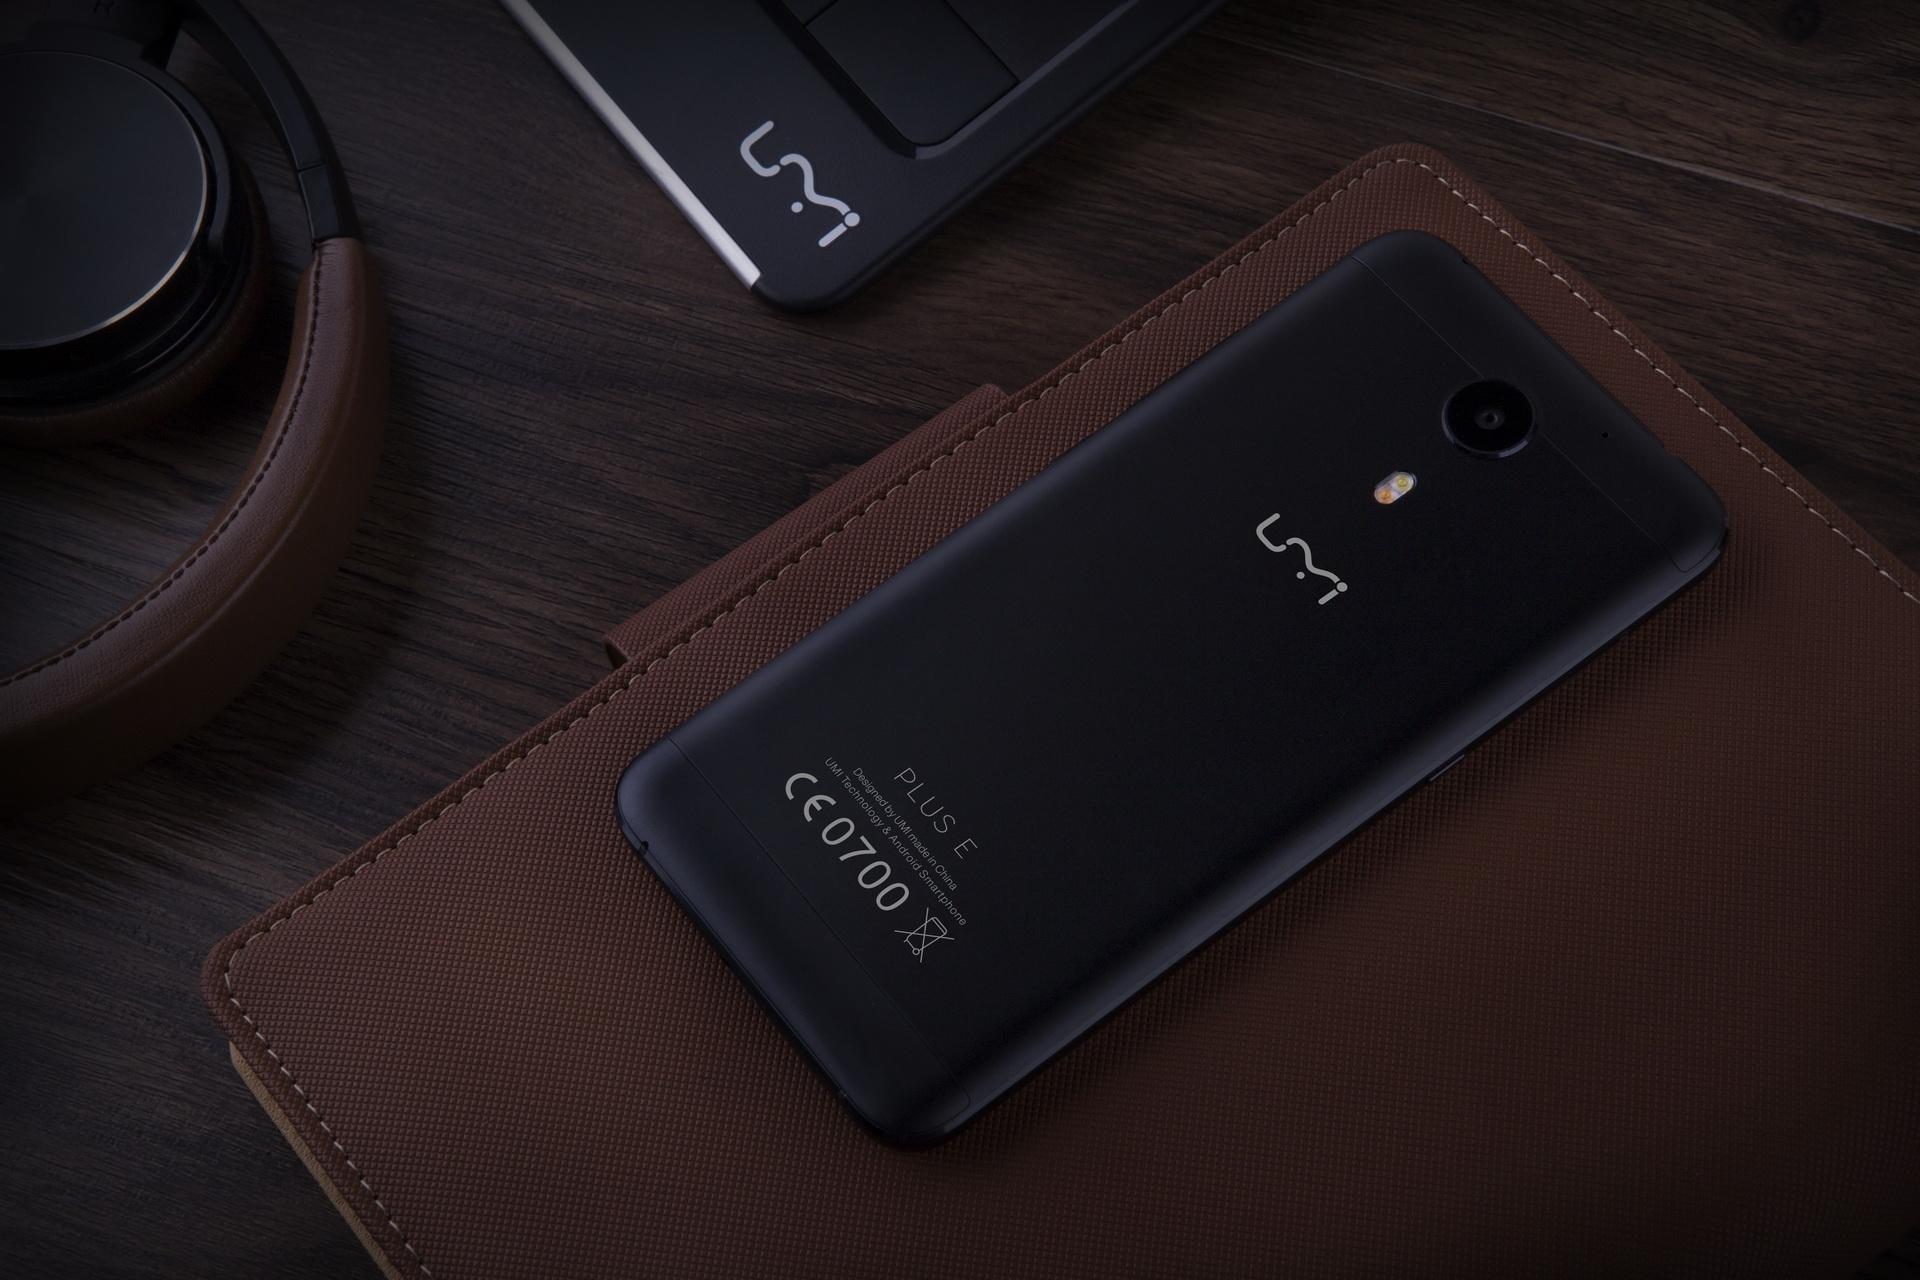 Смартфон UMi Plus E на MediaTek Helio P20 поступит в продажу по специальной цене $199,99